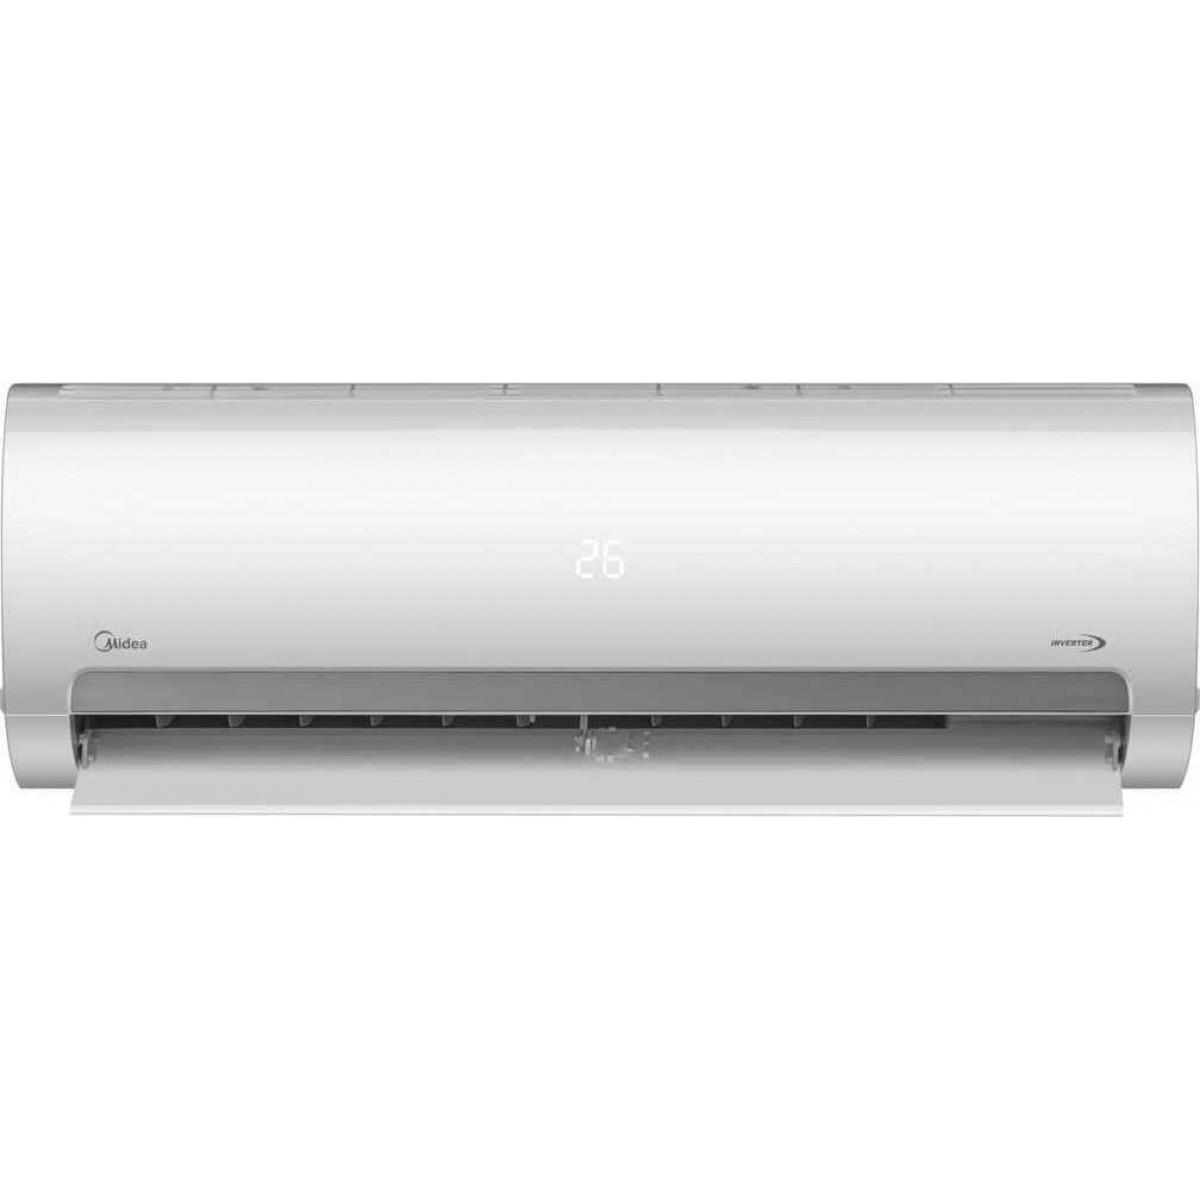 Κλιματιστικό Midea Prime MA2-12NXD0-I A++/A+++ Inverter Ηλεκτρικες Συσκευες - homeelectrics.gr